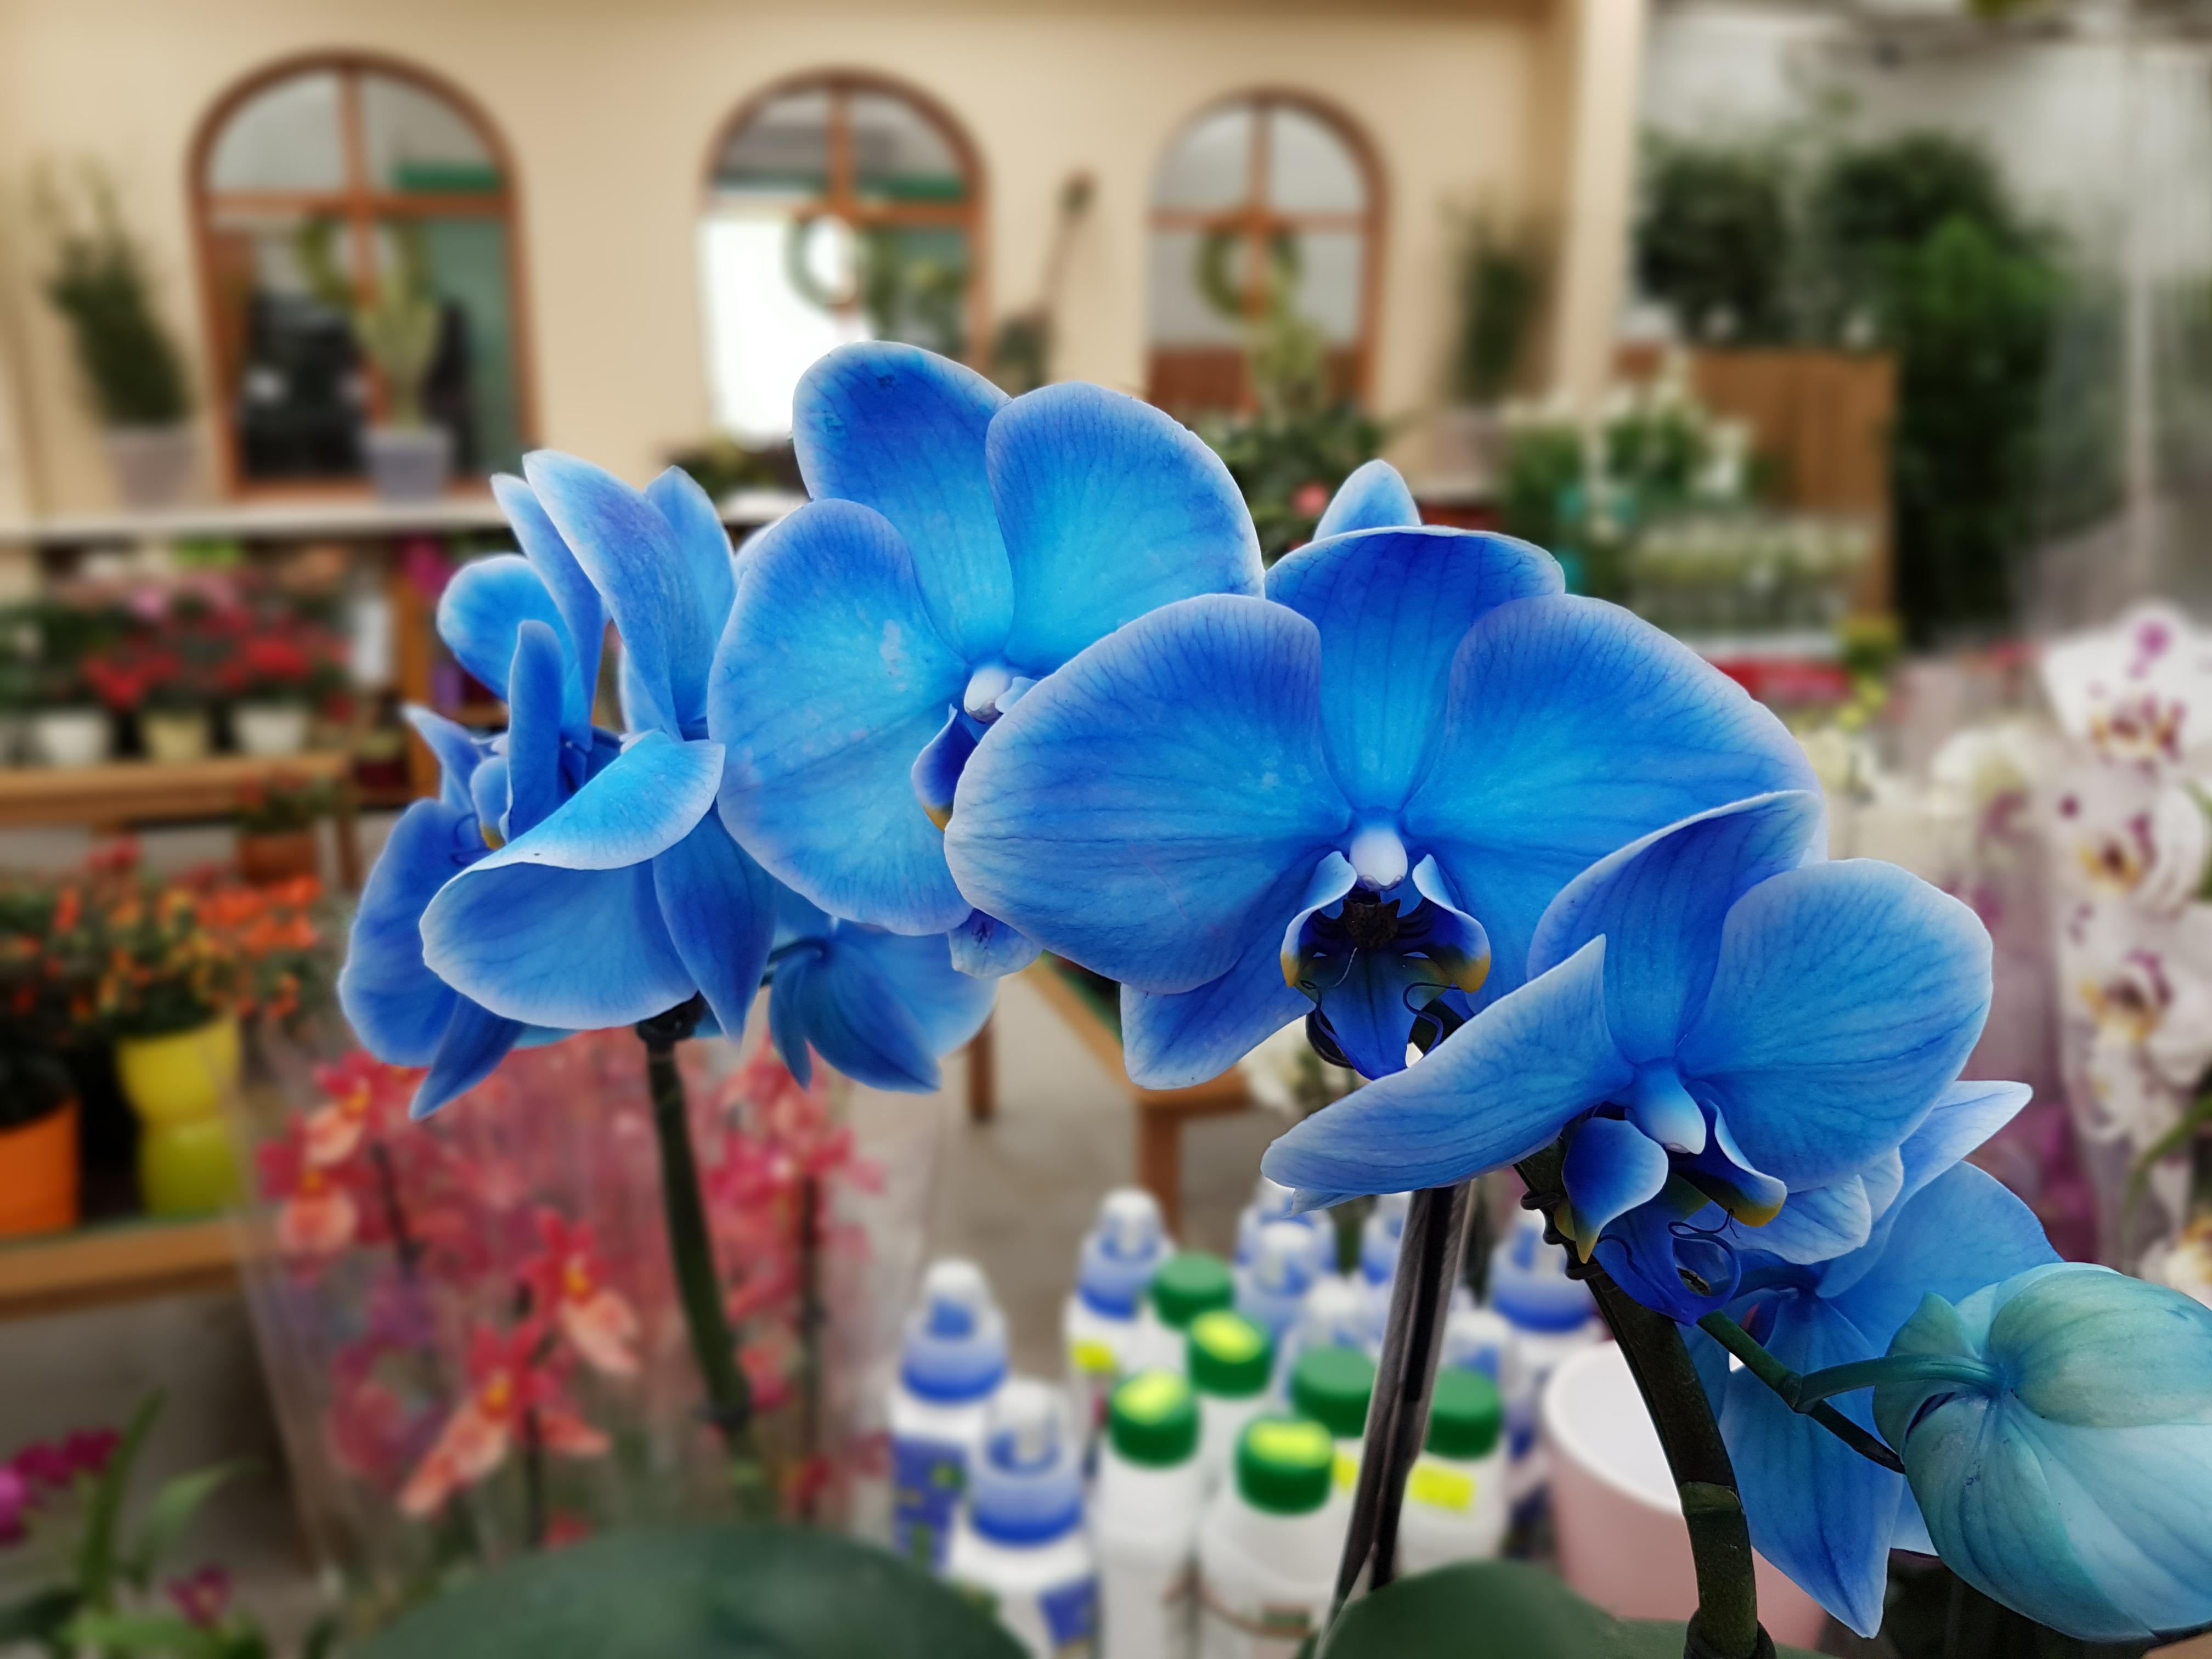 Jakie Niebieskie Kwiaty Doniczkowe Tomaszewski